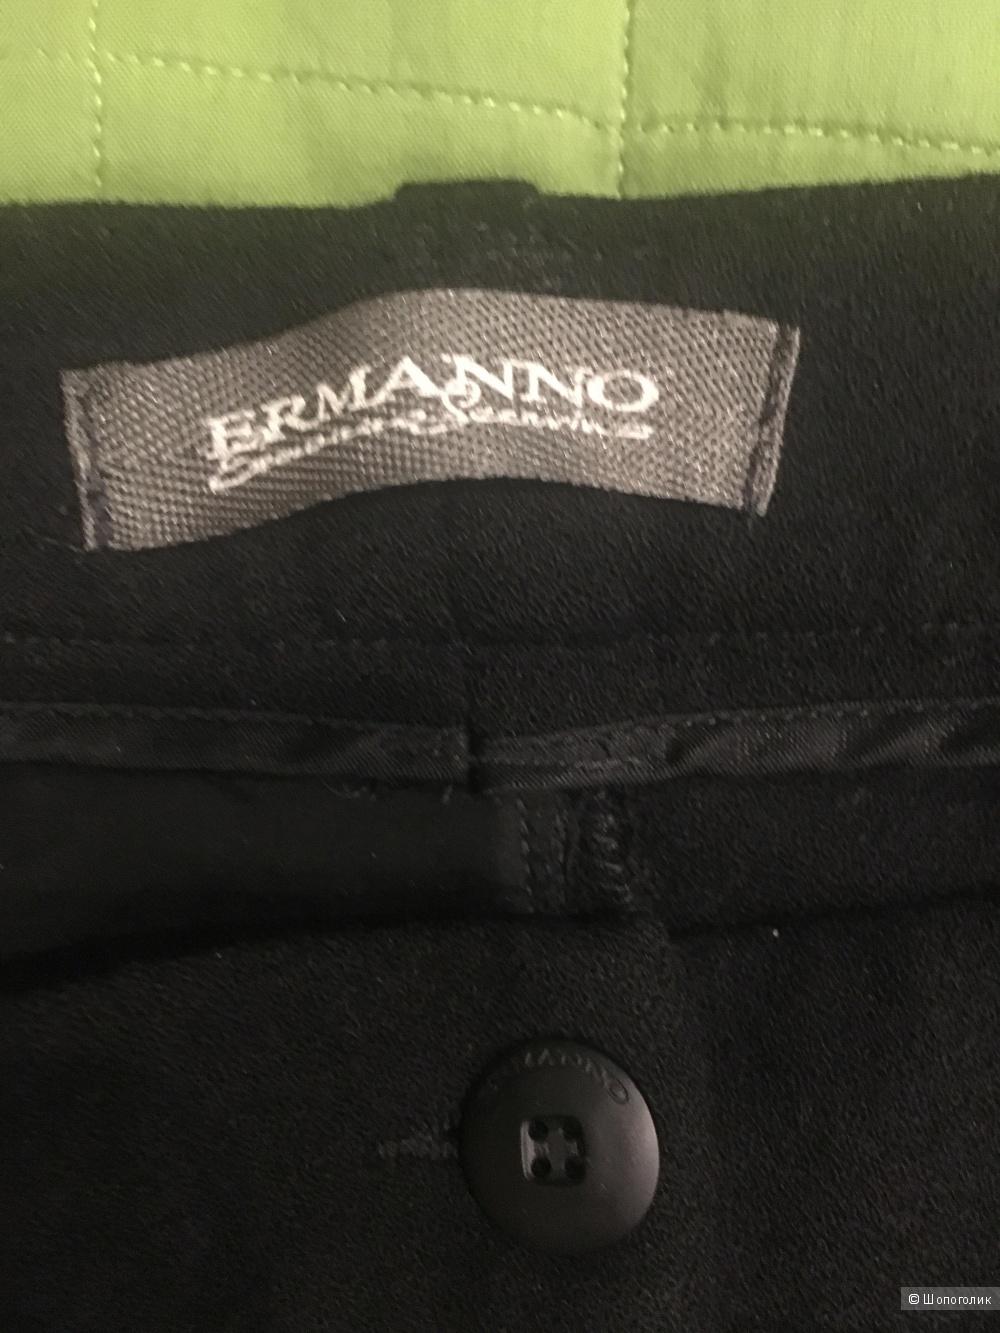 Брюки Ermanno Ermanno Scervino,46раз.